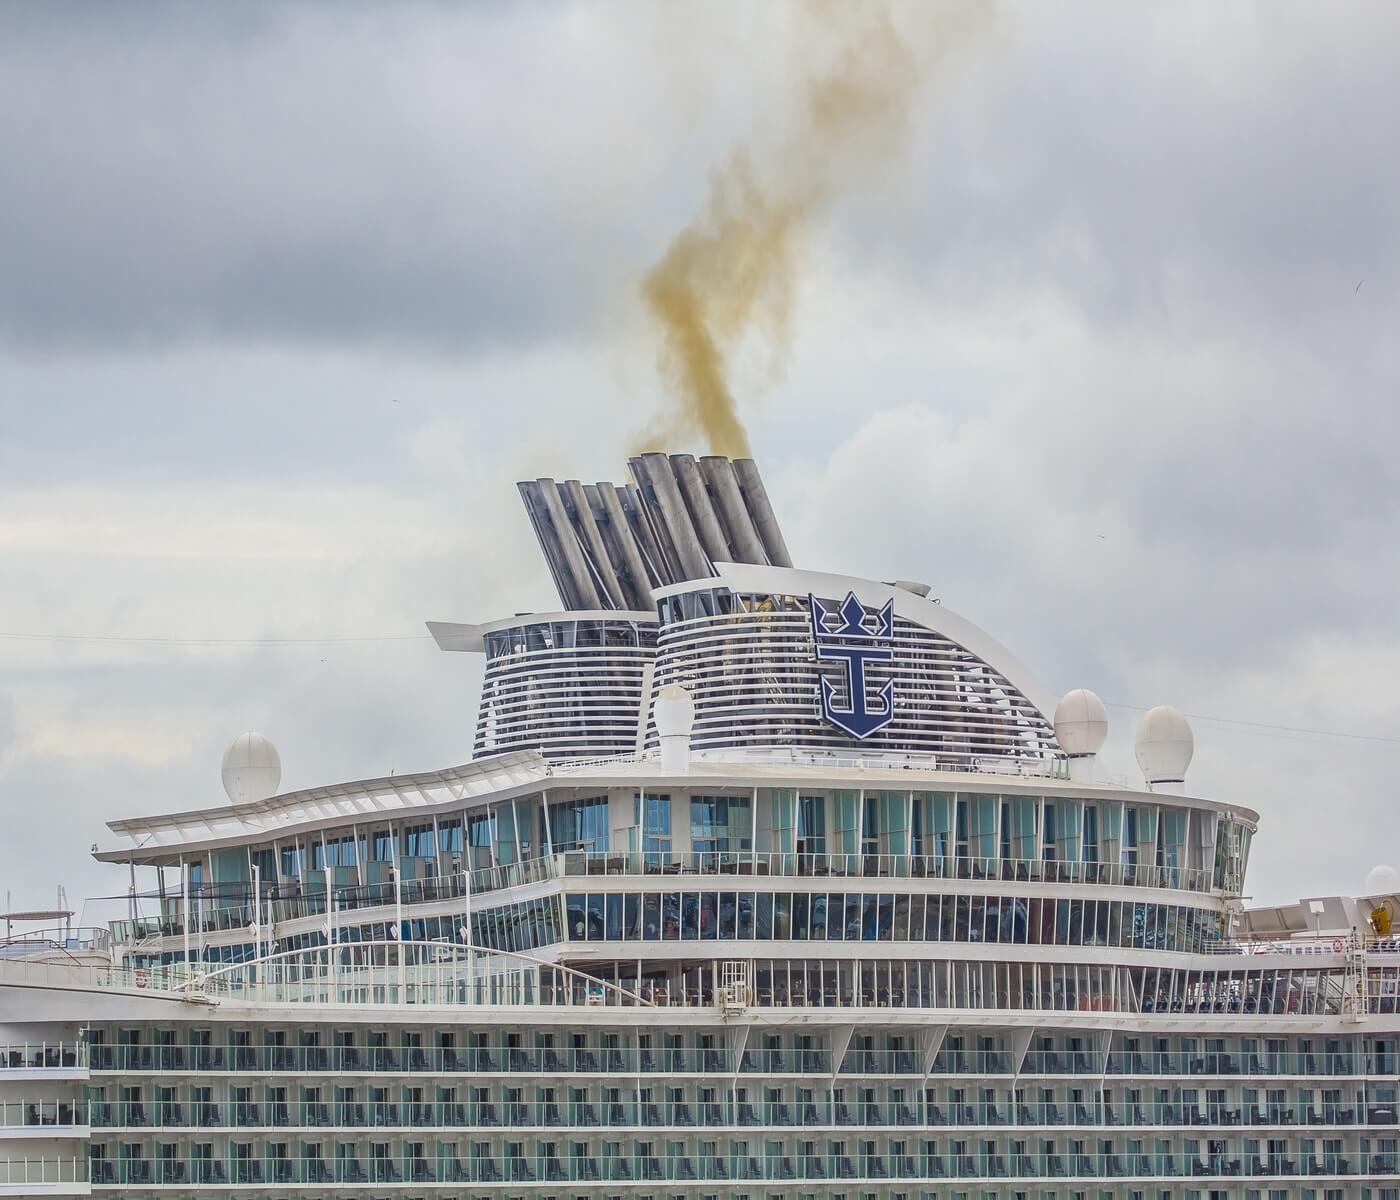 Southampton Ships